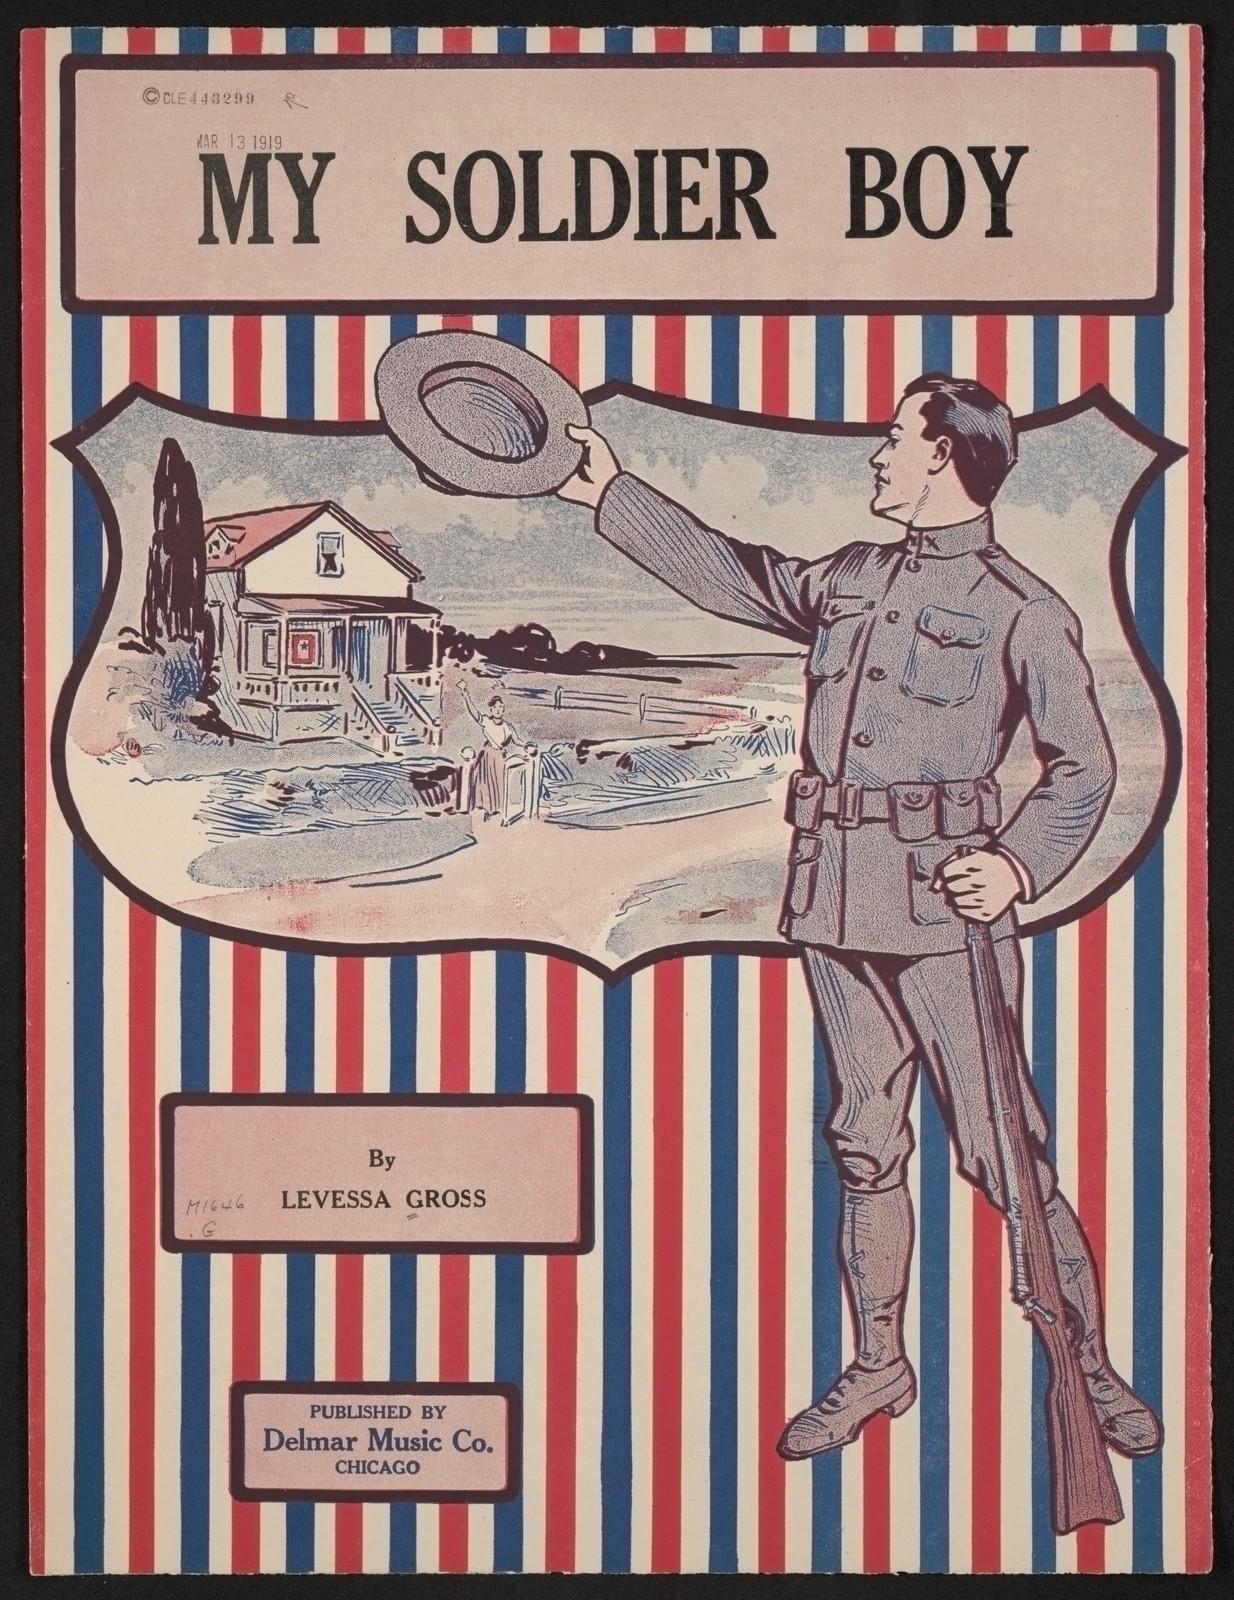 My soldier boy